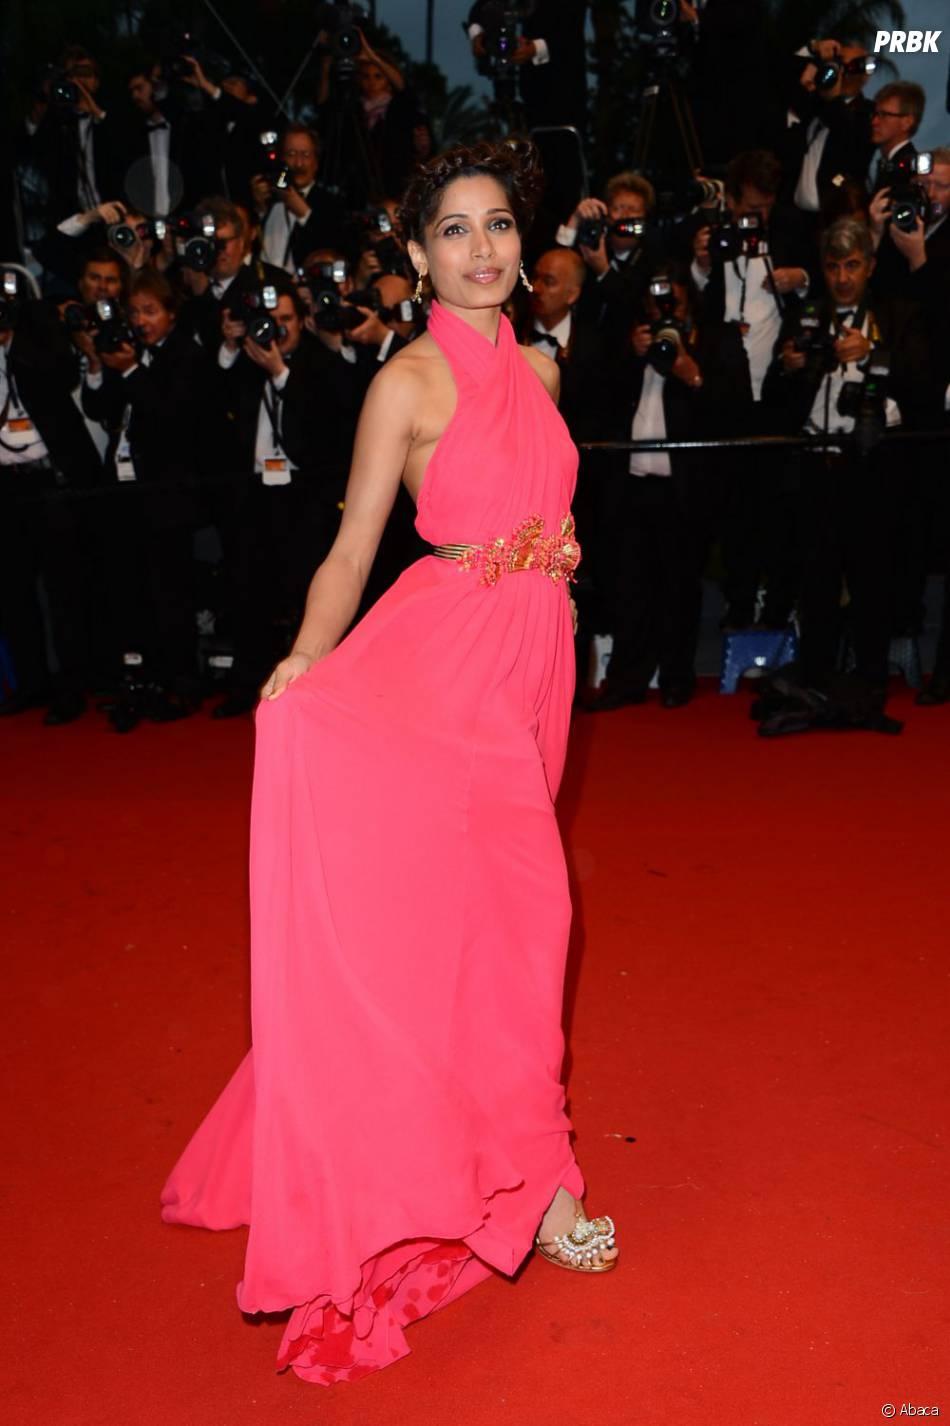 Freida Pinto en robe rose flashy pour la soirée douverture du Festival de Cannes 2013.